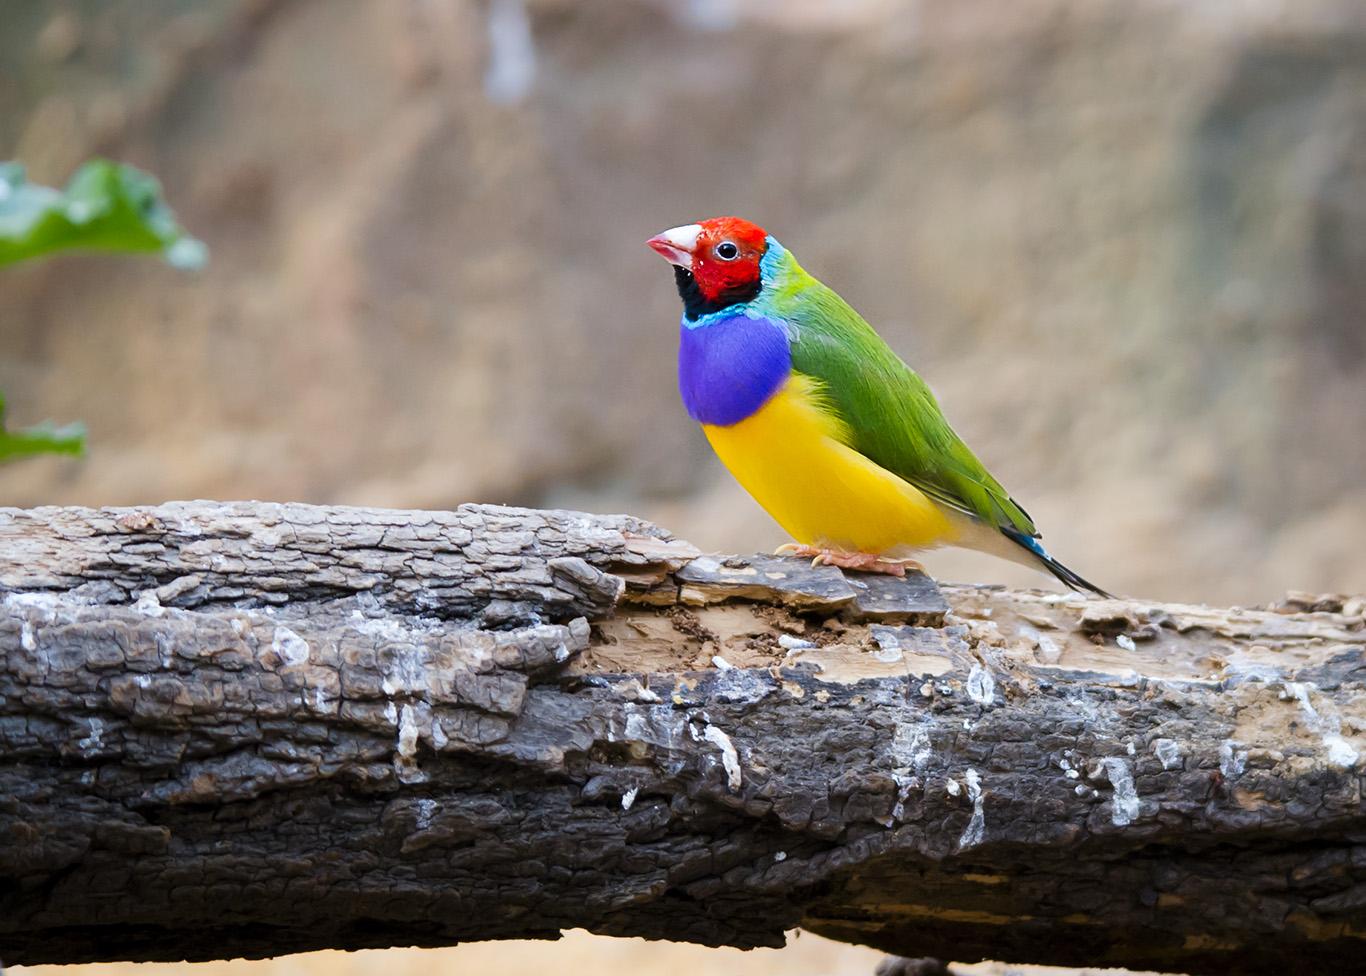 七彩文鸟 - 鸟类动物